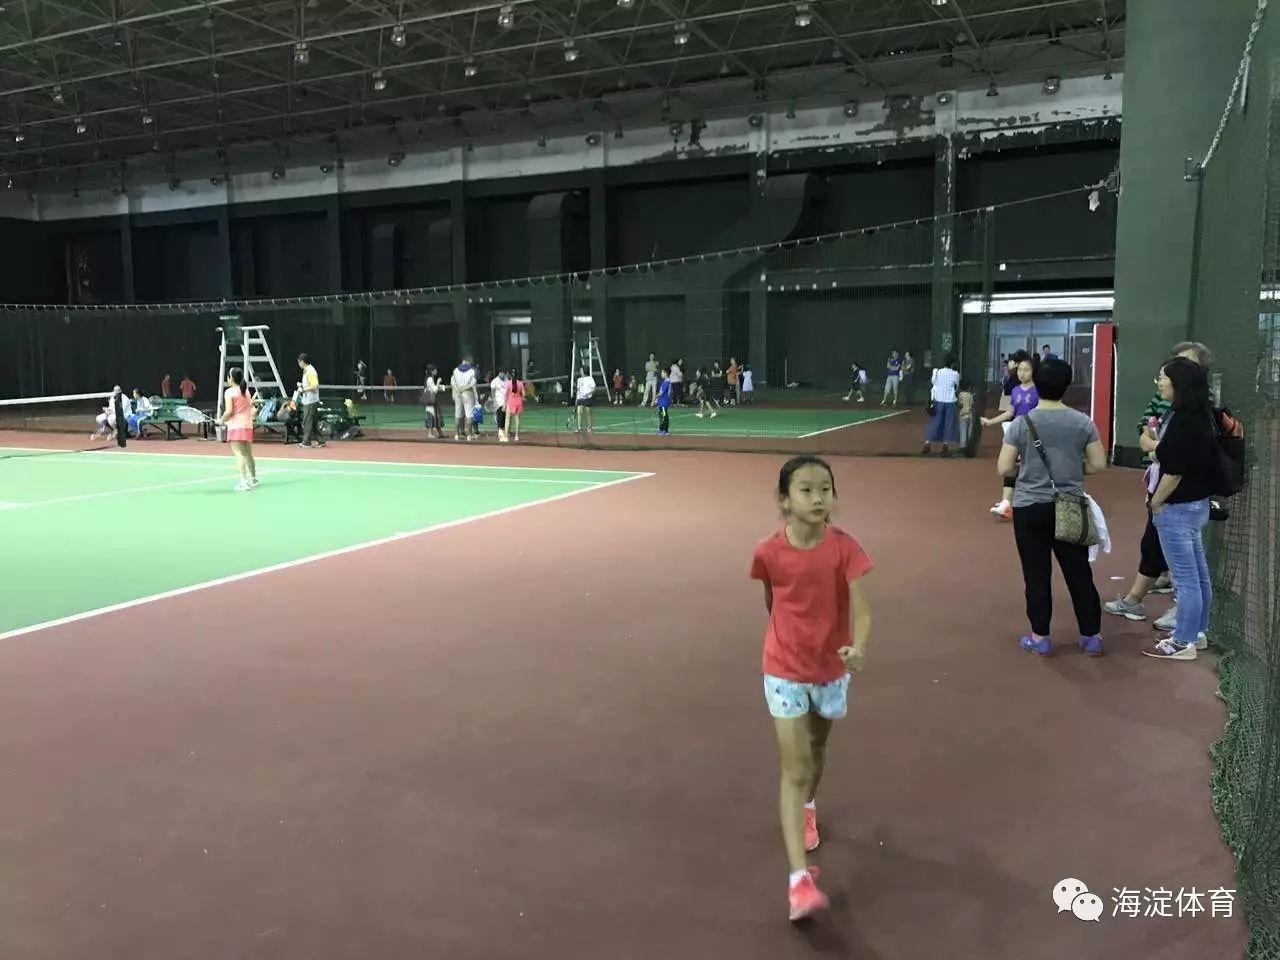 踊跃参赛 为期两天的2017年海淀区中小学生网球比赛拉开帷幕